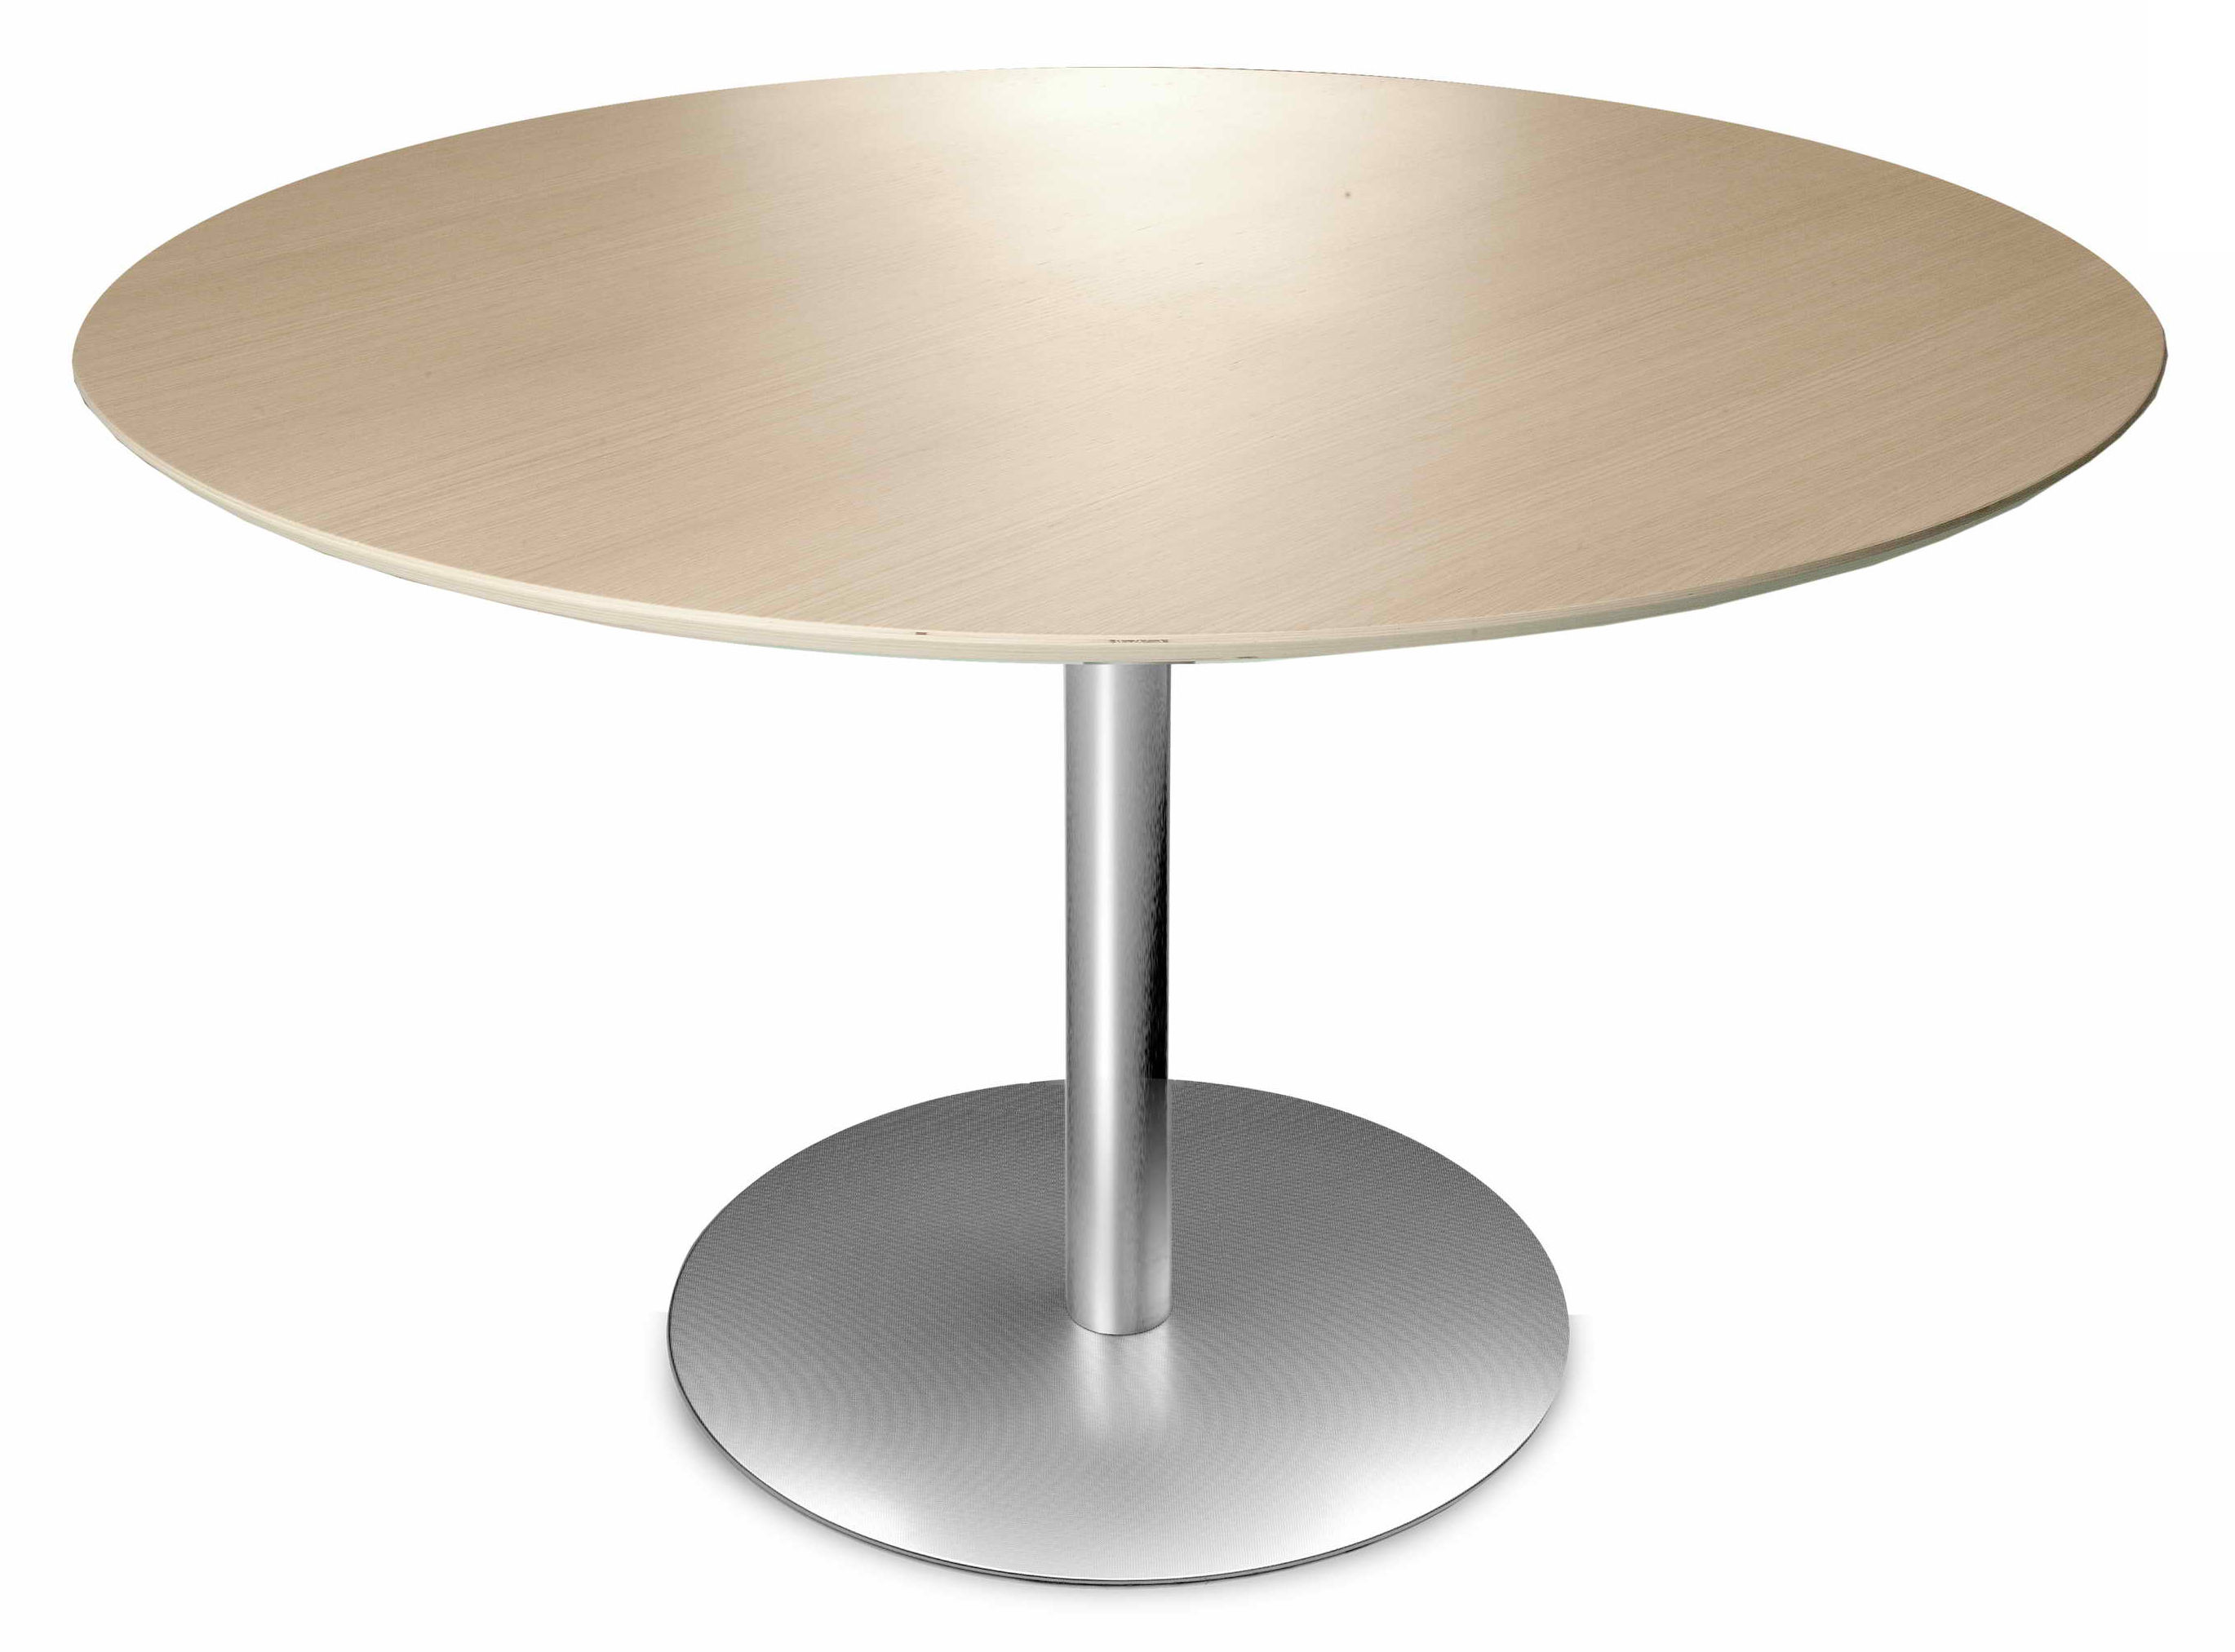 Natale - Ultra design - Rondo Runder Tisch Ø 90 cm - Lapalma - Gebleichte Eiche - gebleichte Eiche, rostfreier Stahl